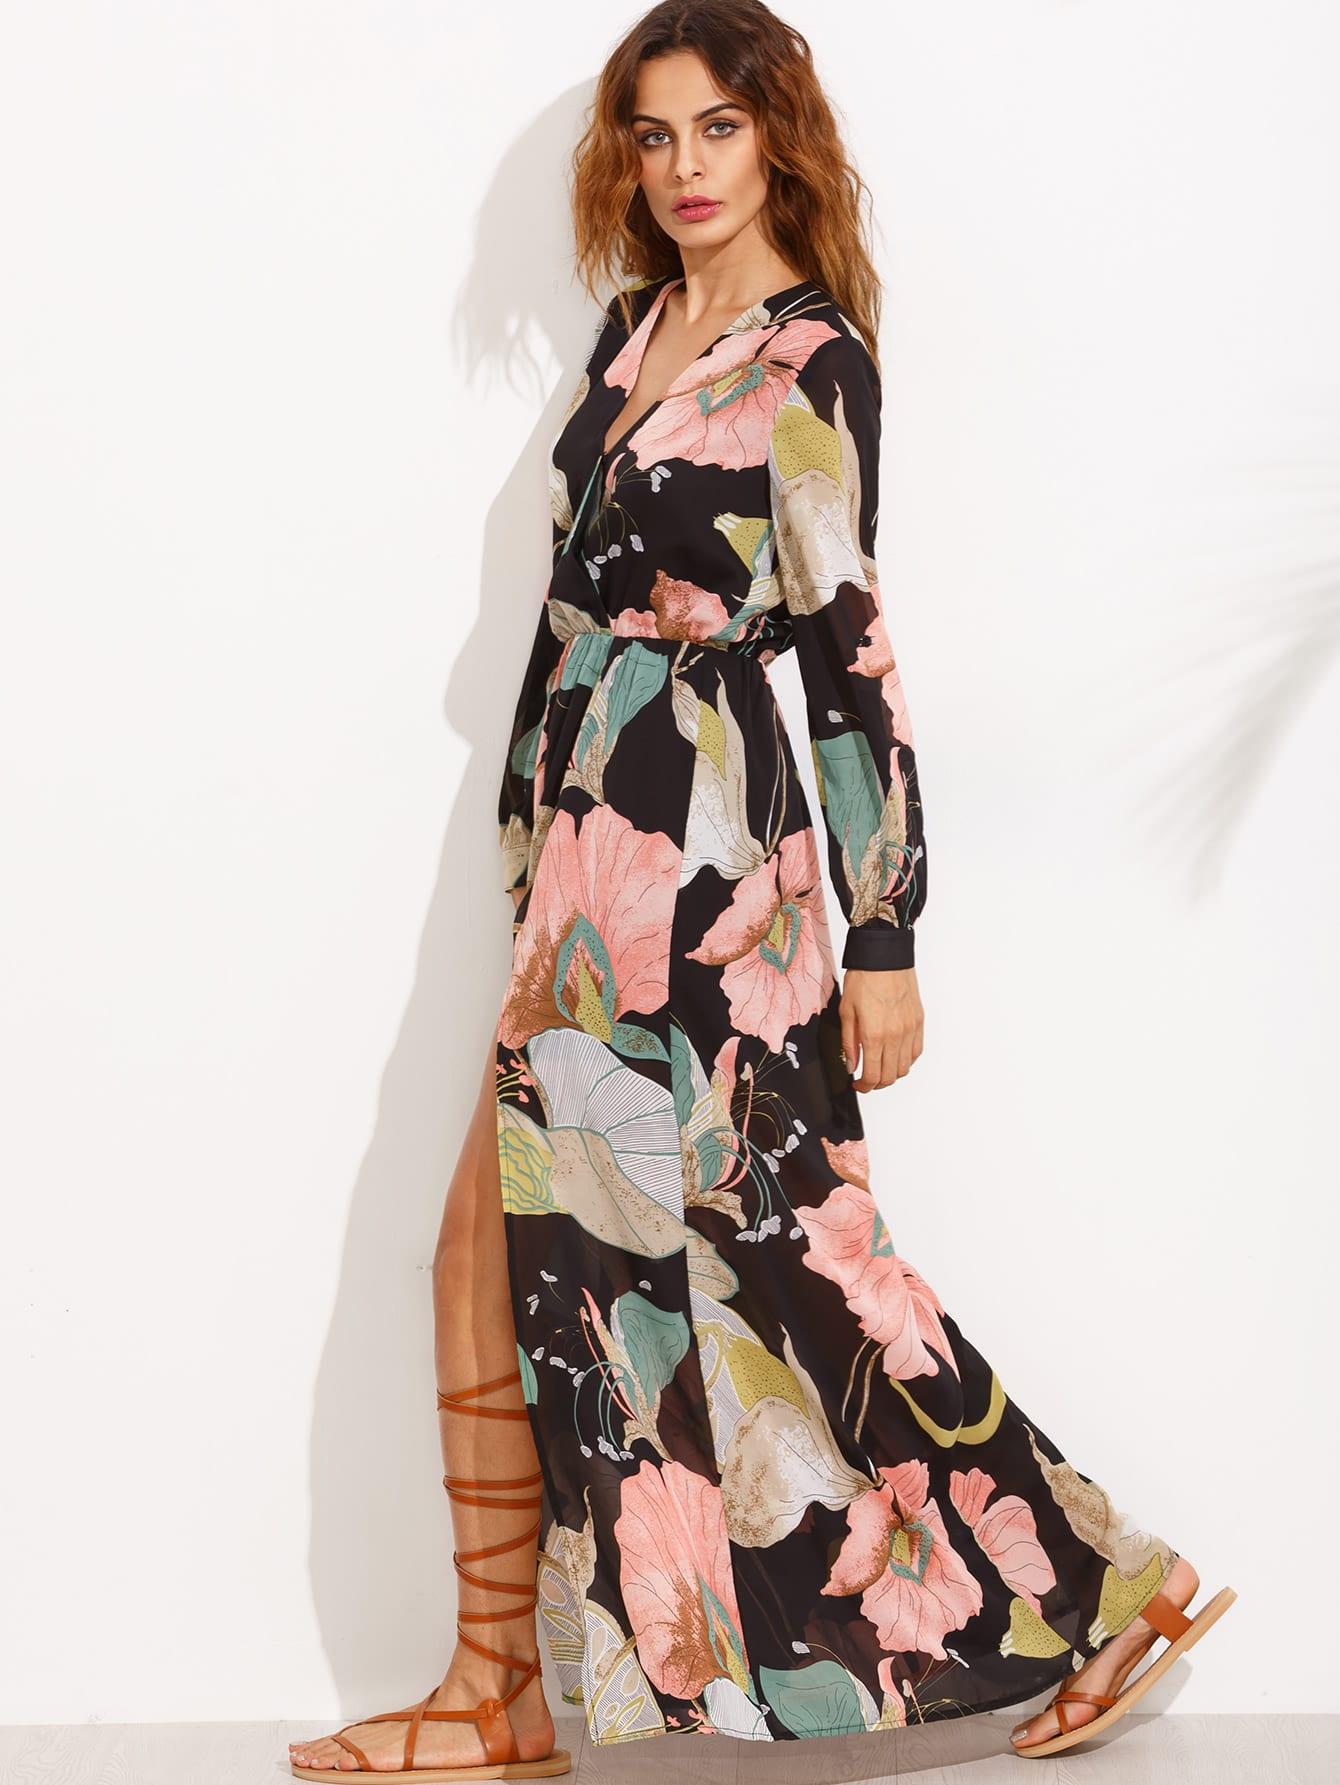 dress160729713_1